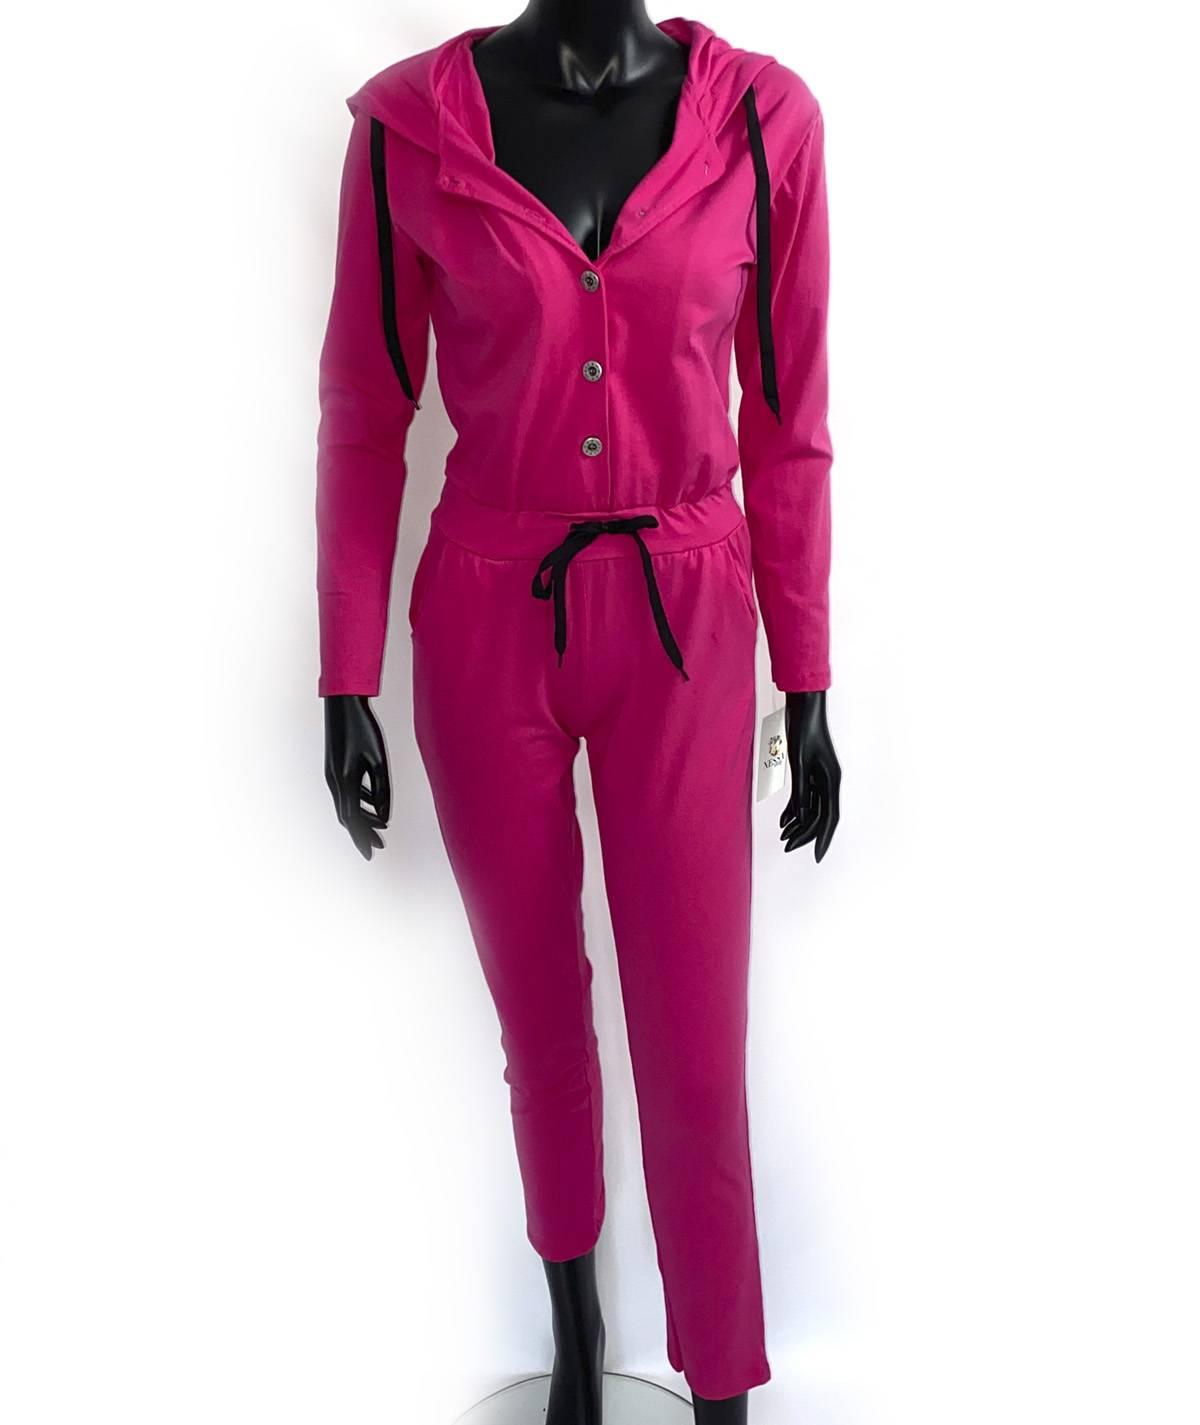 Pink sports jumpsuit